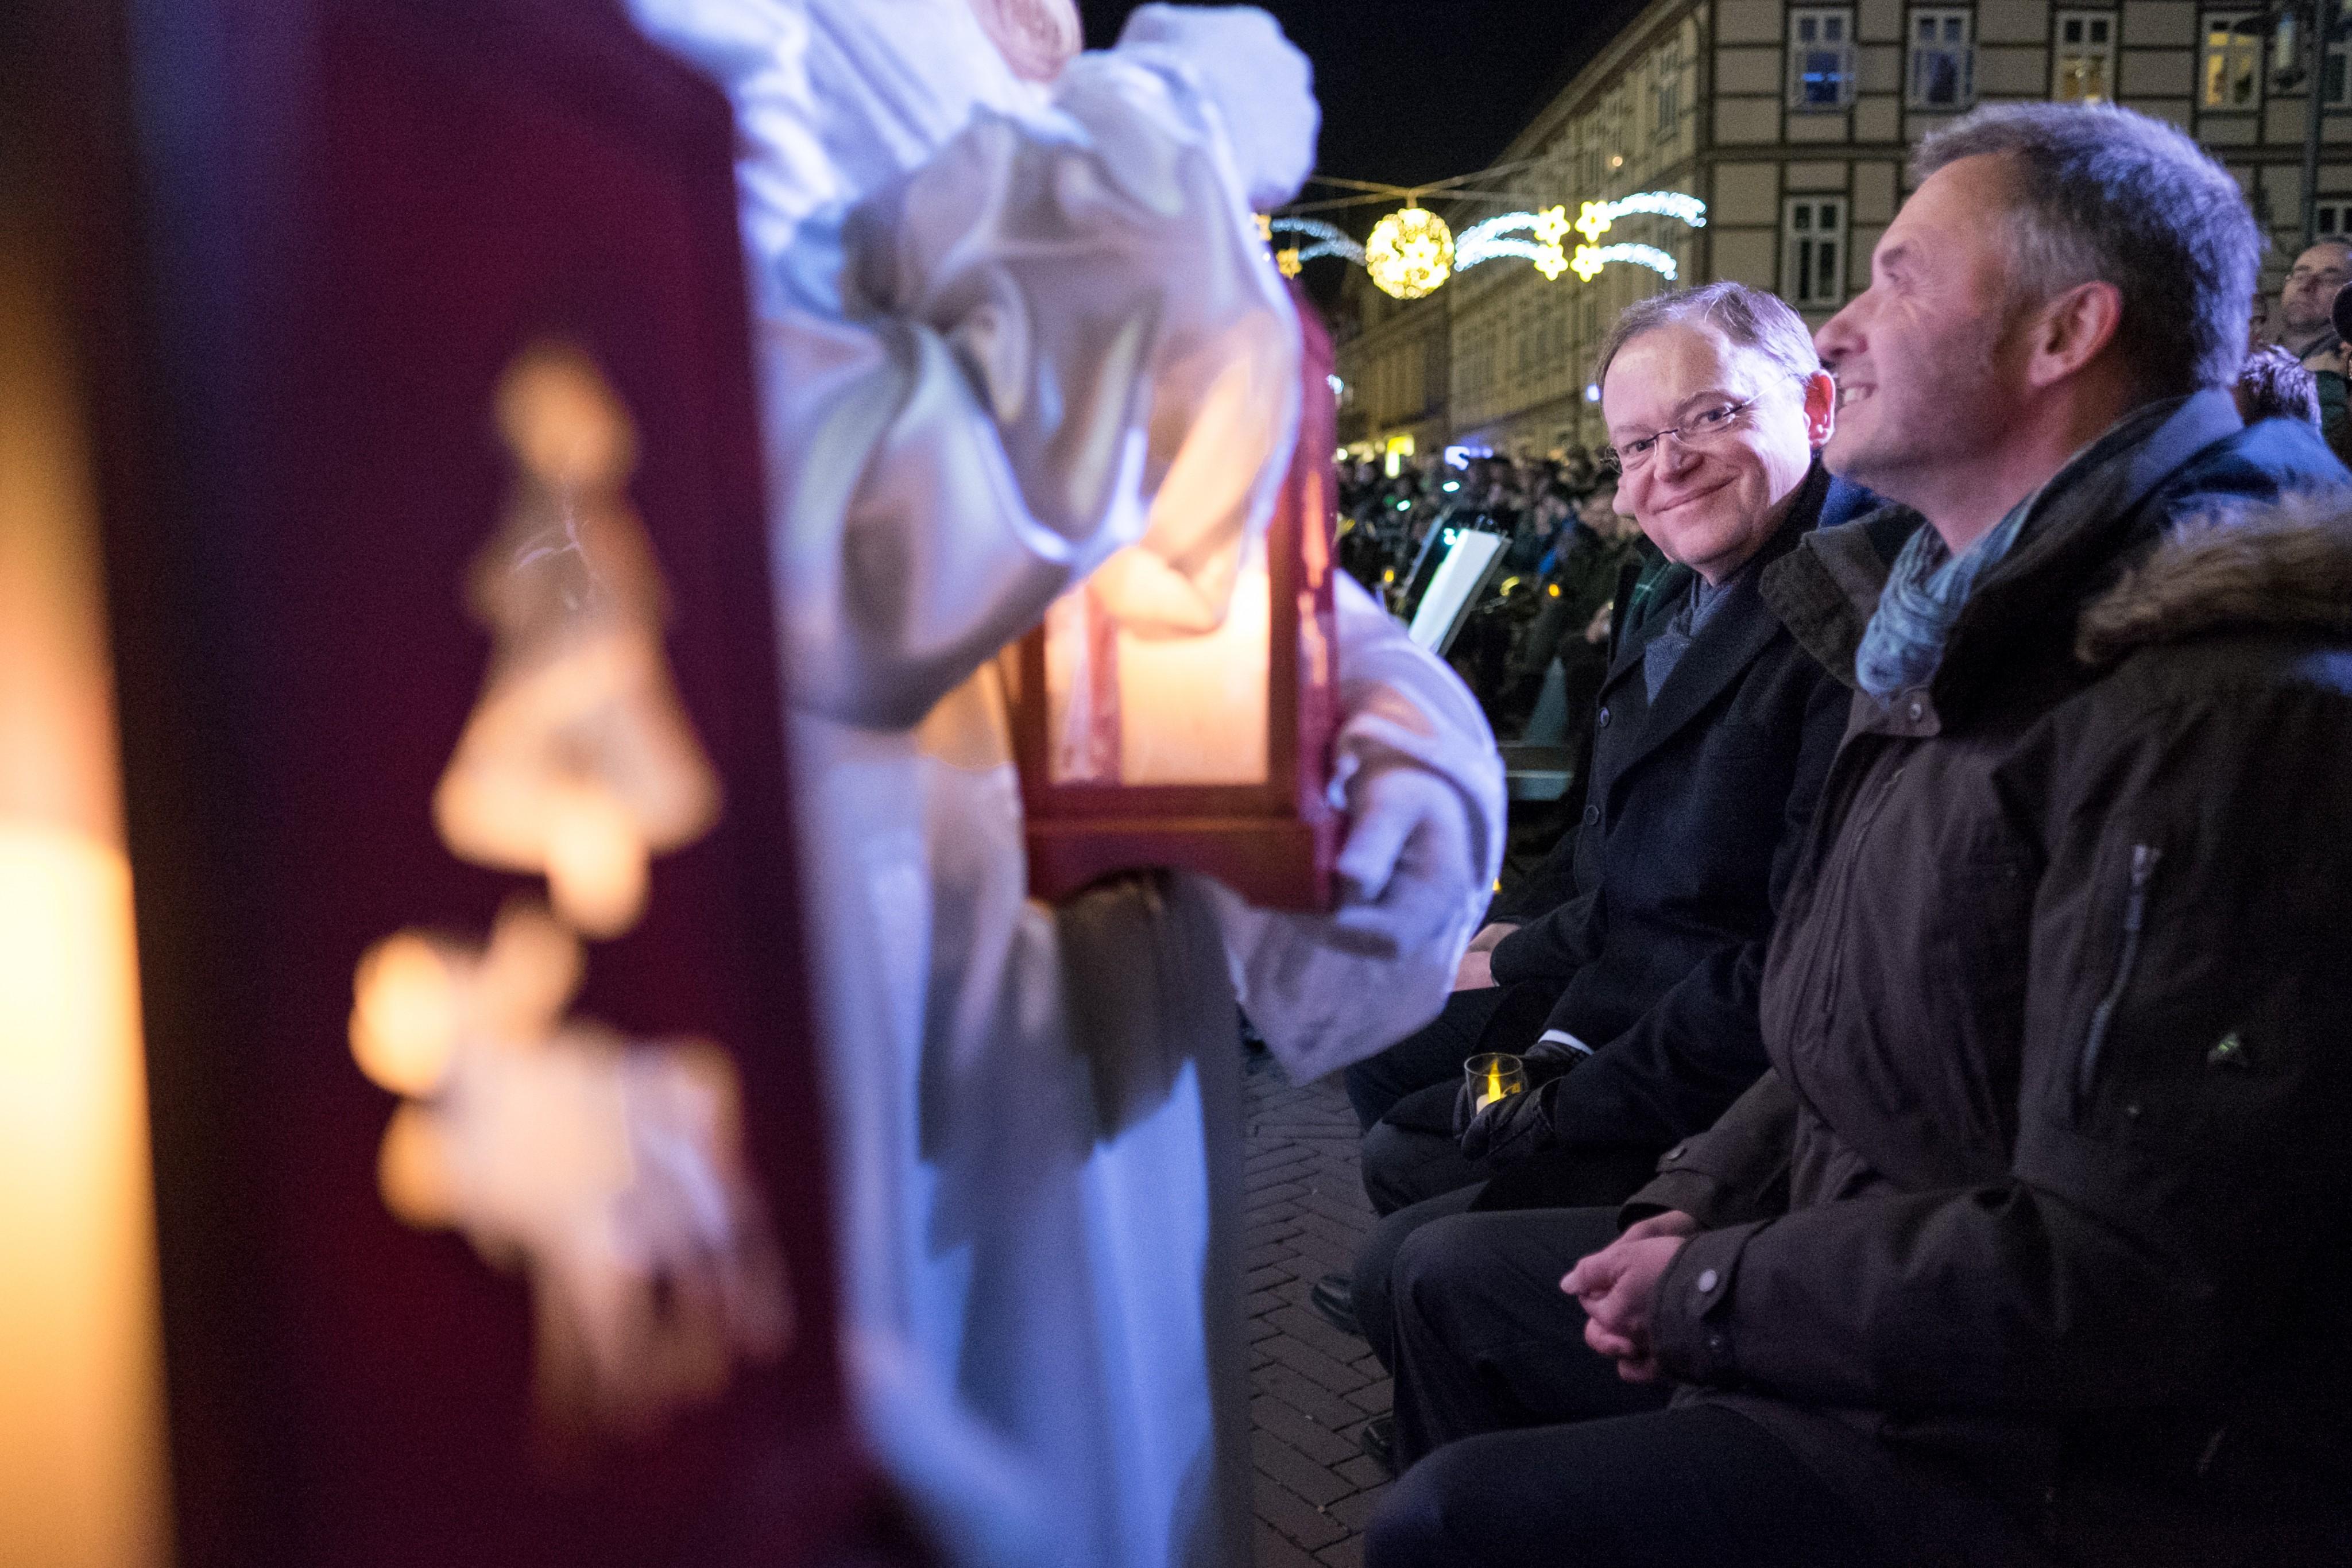 Besuch Auf Dem Weihnachtsmarkt.Besuch Auf Dem Weihnachtsmarkt Stephan Weil